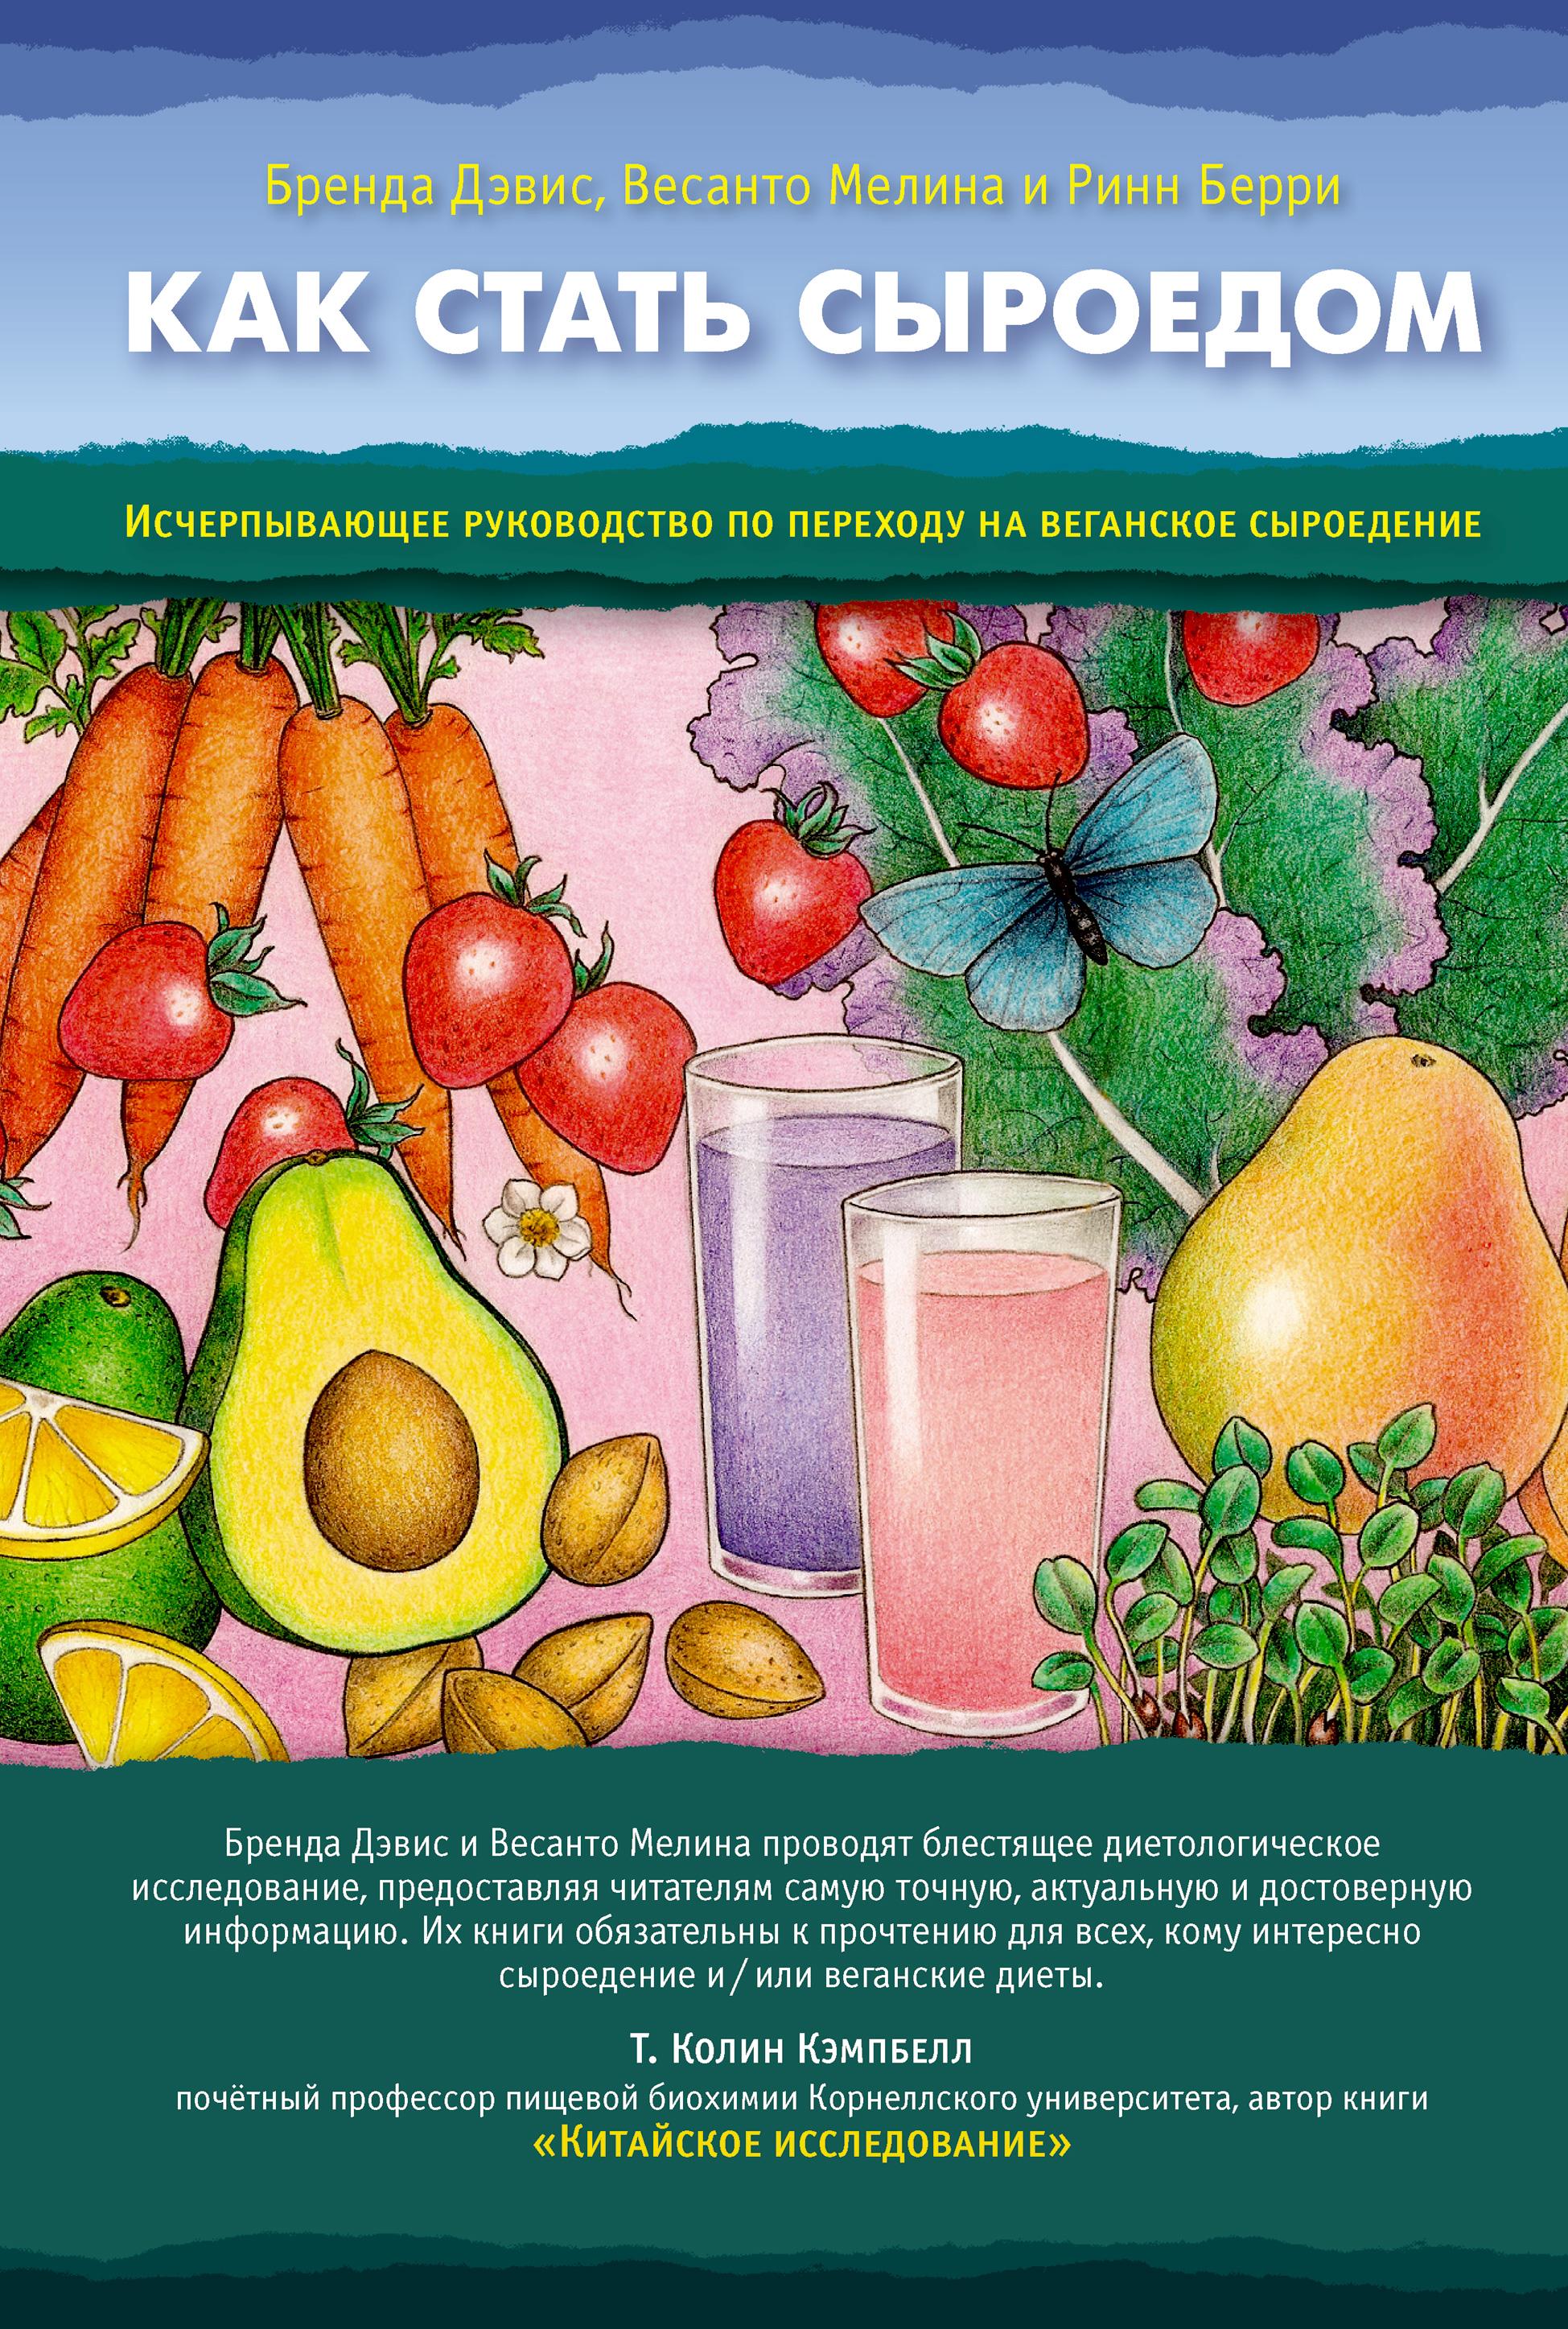 Бобовая диета. достоинства, недостатки и меню бобовой диеты. женский сайт www.inmoment.ru